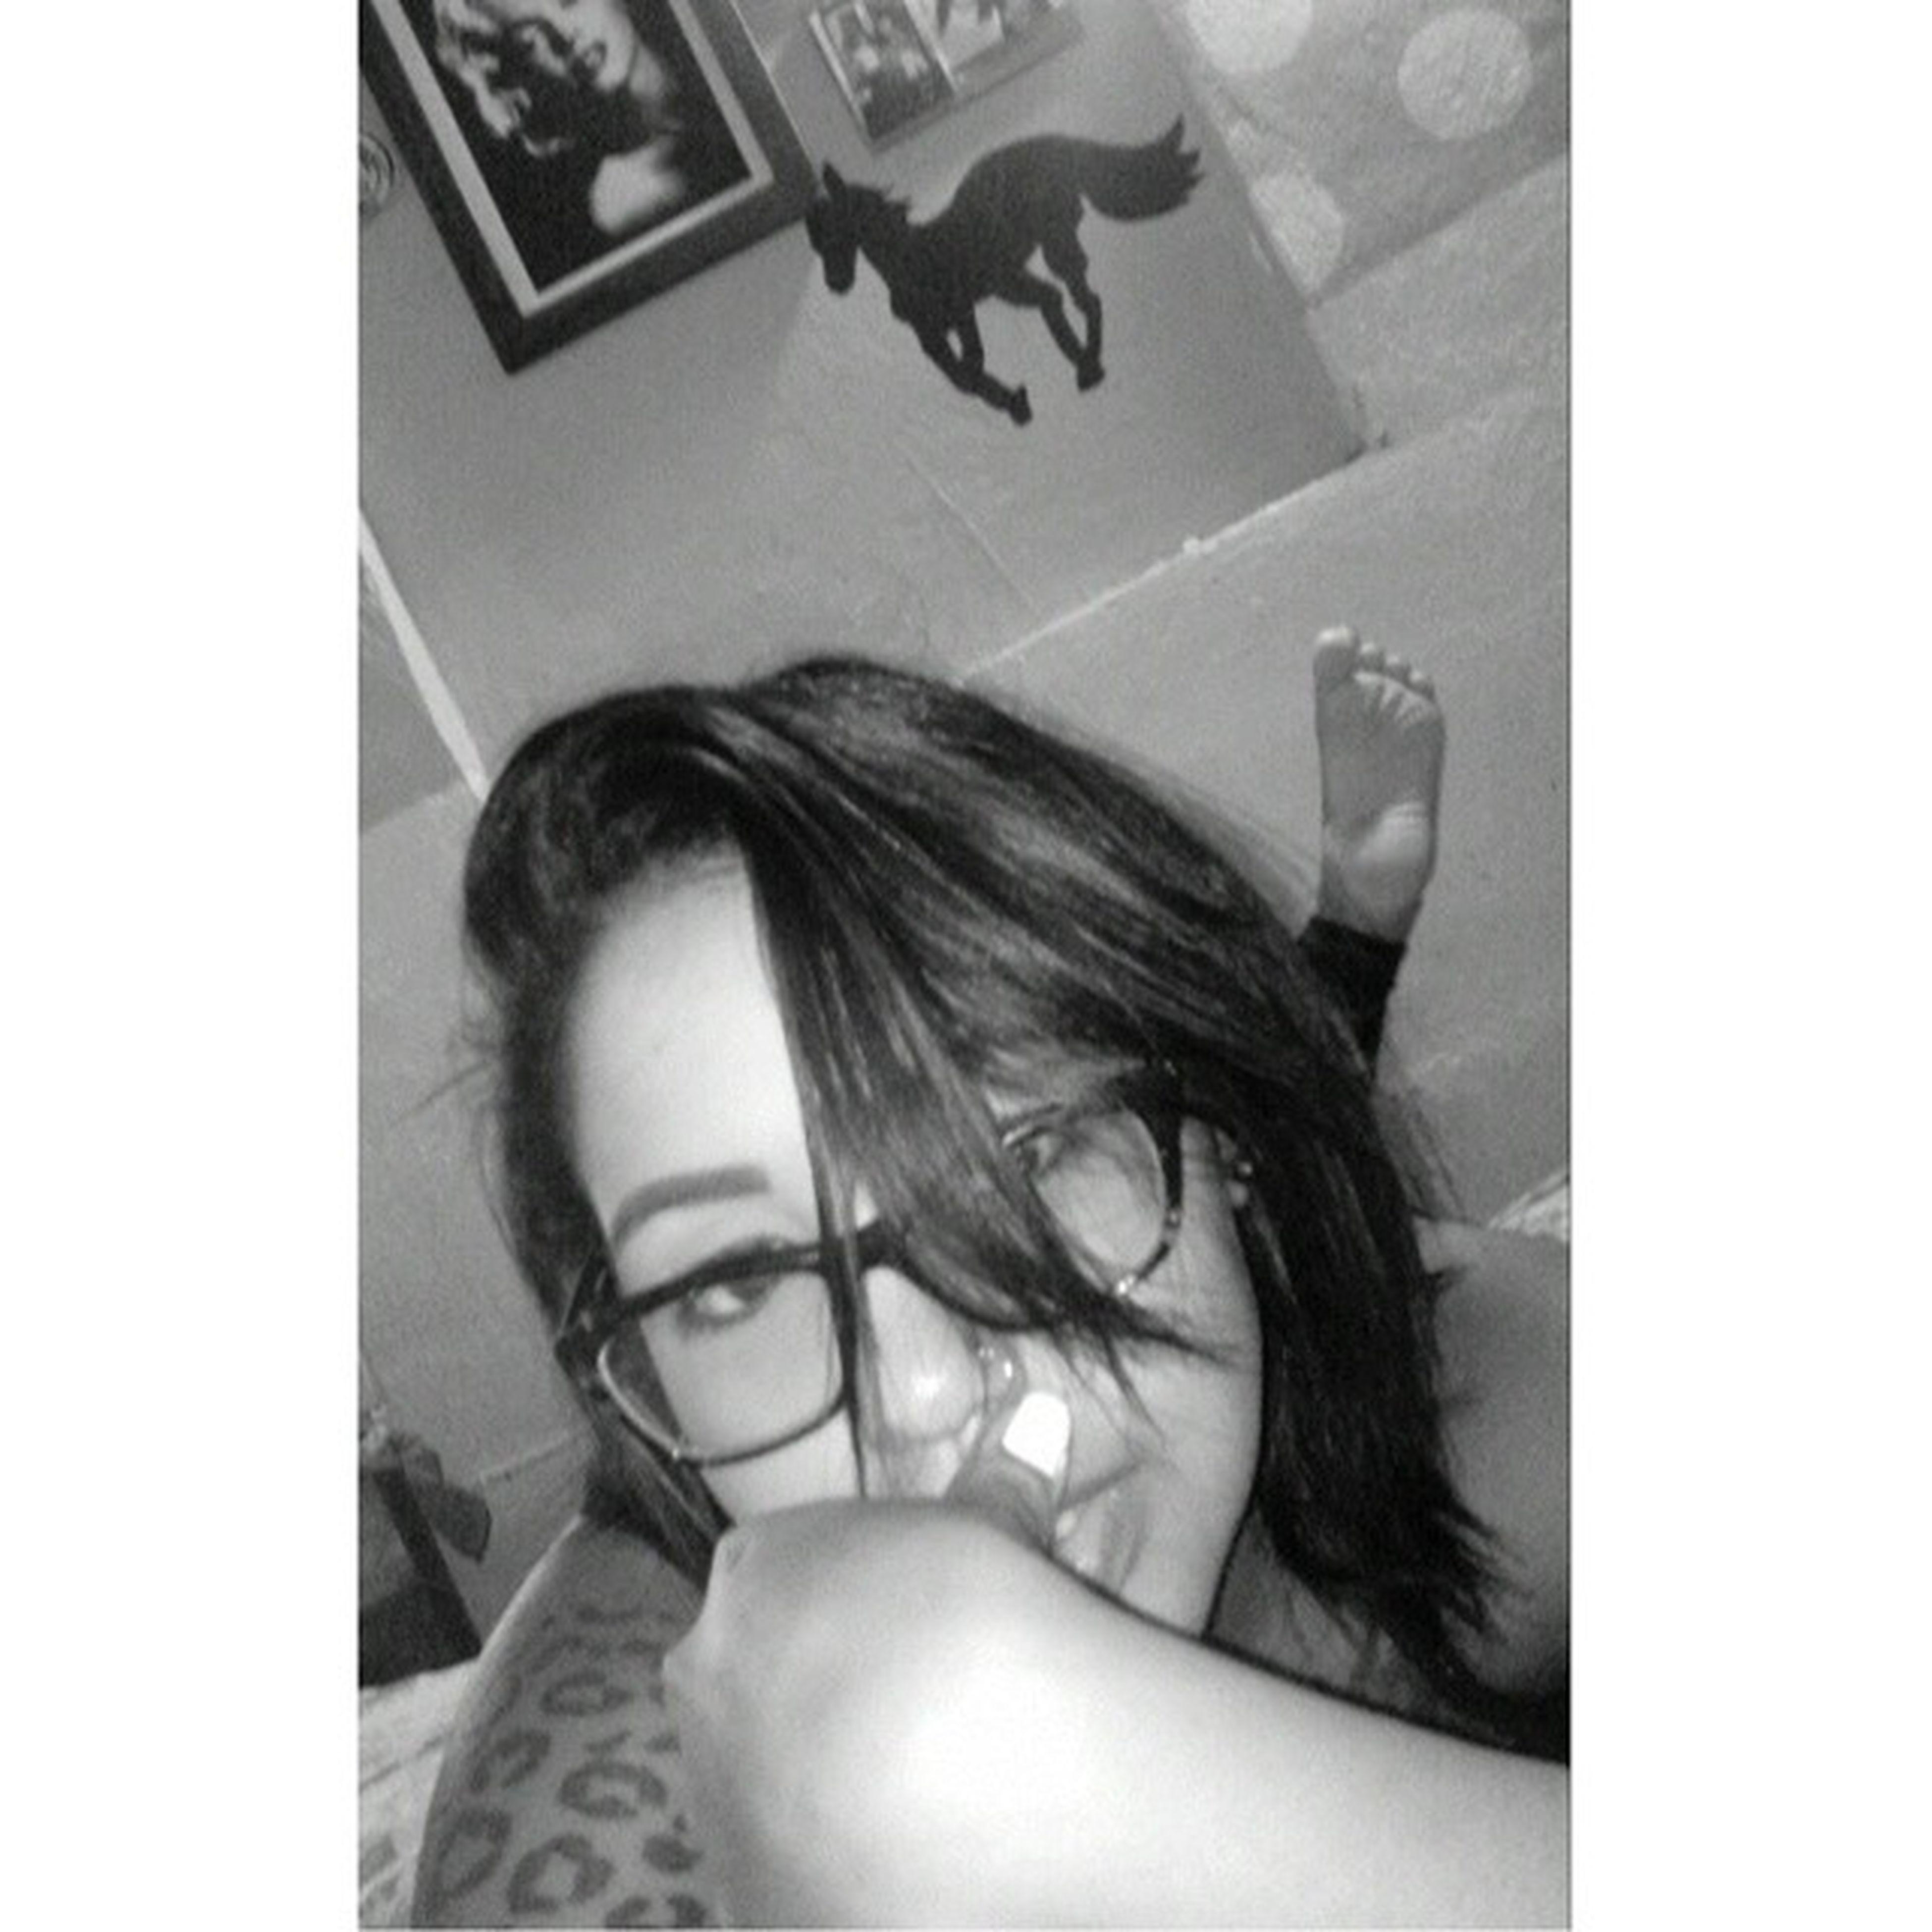 Muerta en vida pero antes selfie Callate Mefui Goodnight Pzychodanny Deftoneslive